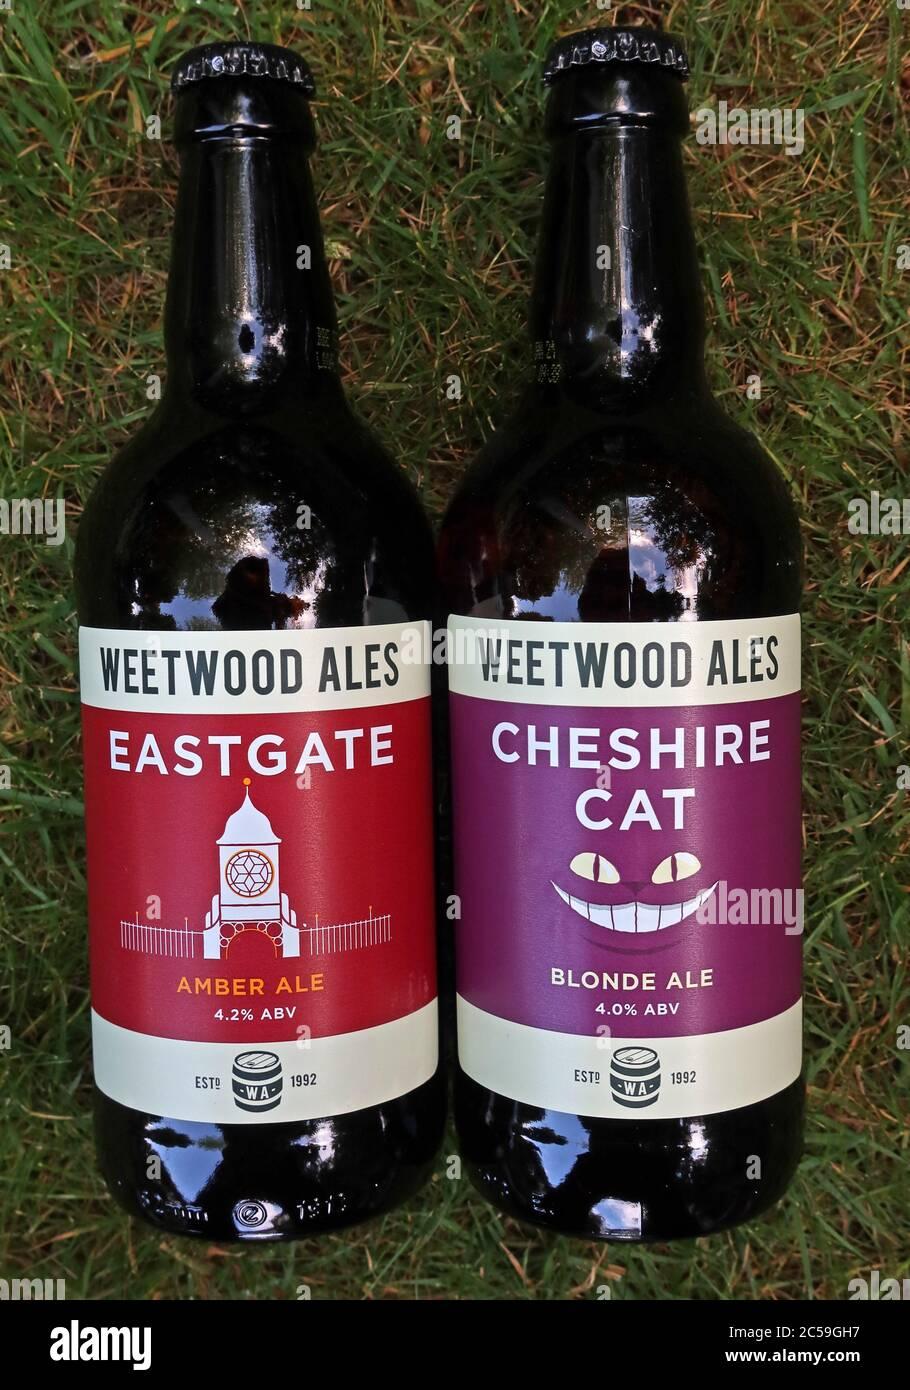 Dieses Stockfoto: Weetwood Flaschenbiere, preisgekrönte Cheshire Brauerei, Eastgate, Amber Ale, Cheshire Cat, Blonde Ale - 2C59GH